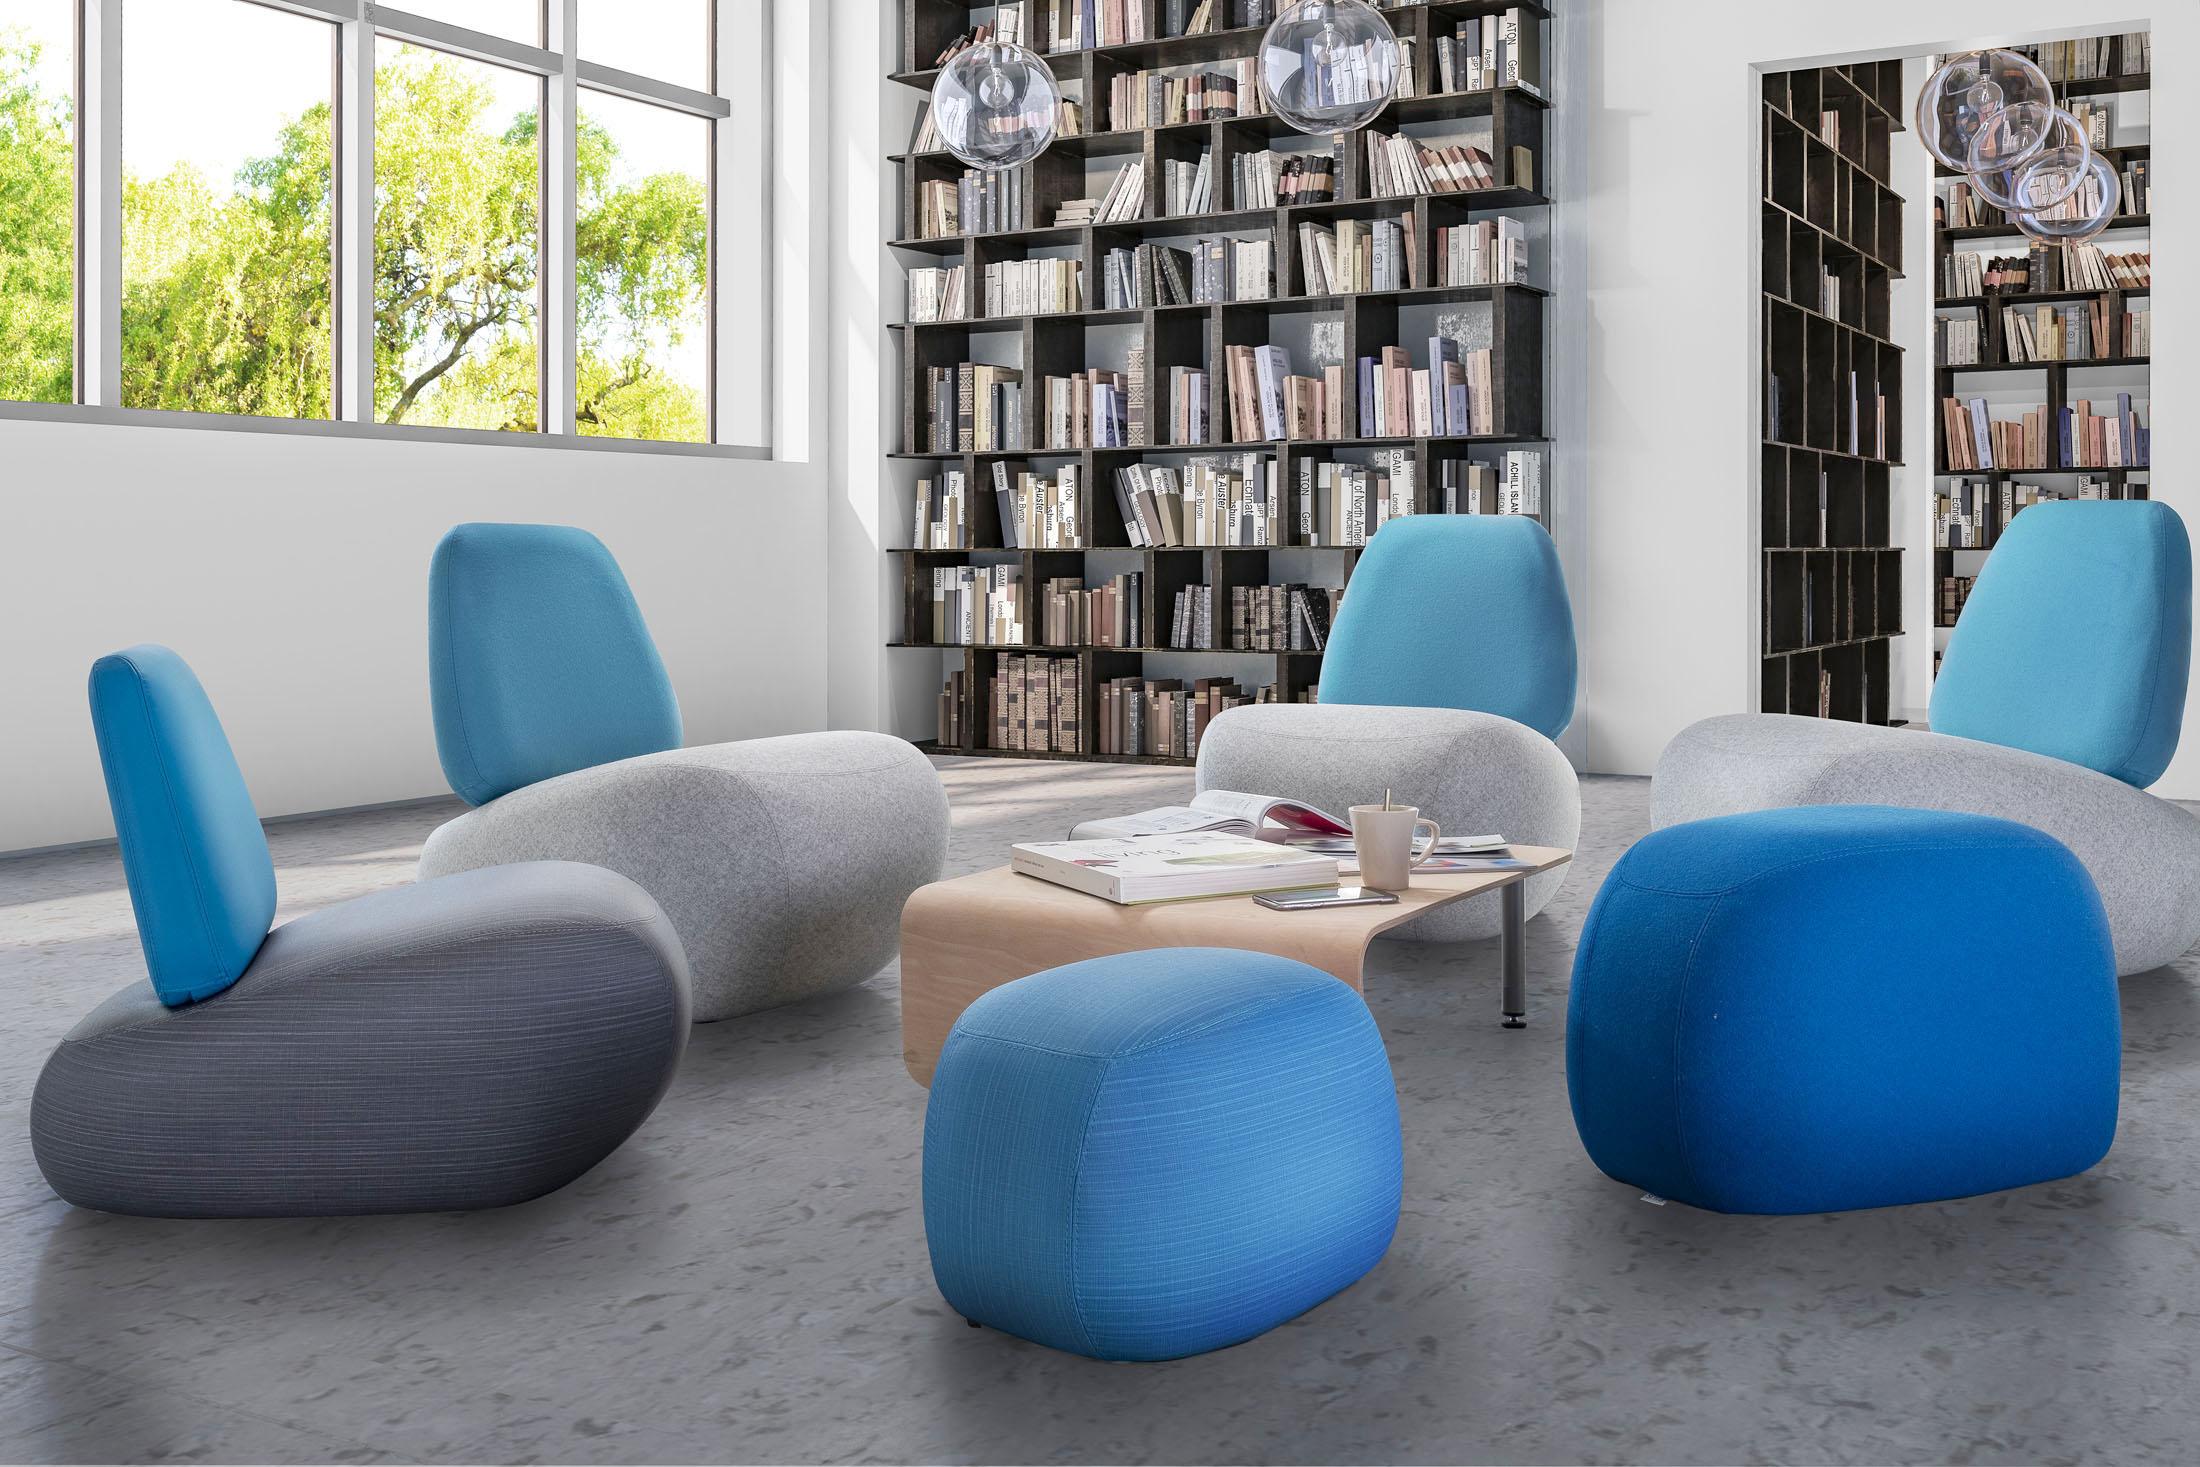 Ambiance de fauteuils dans une médiathèque